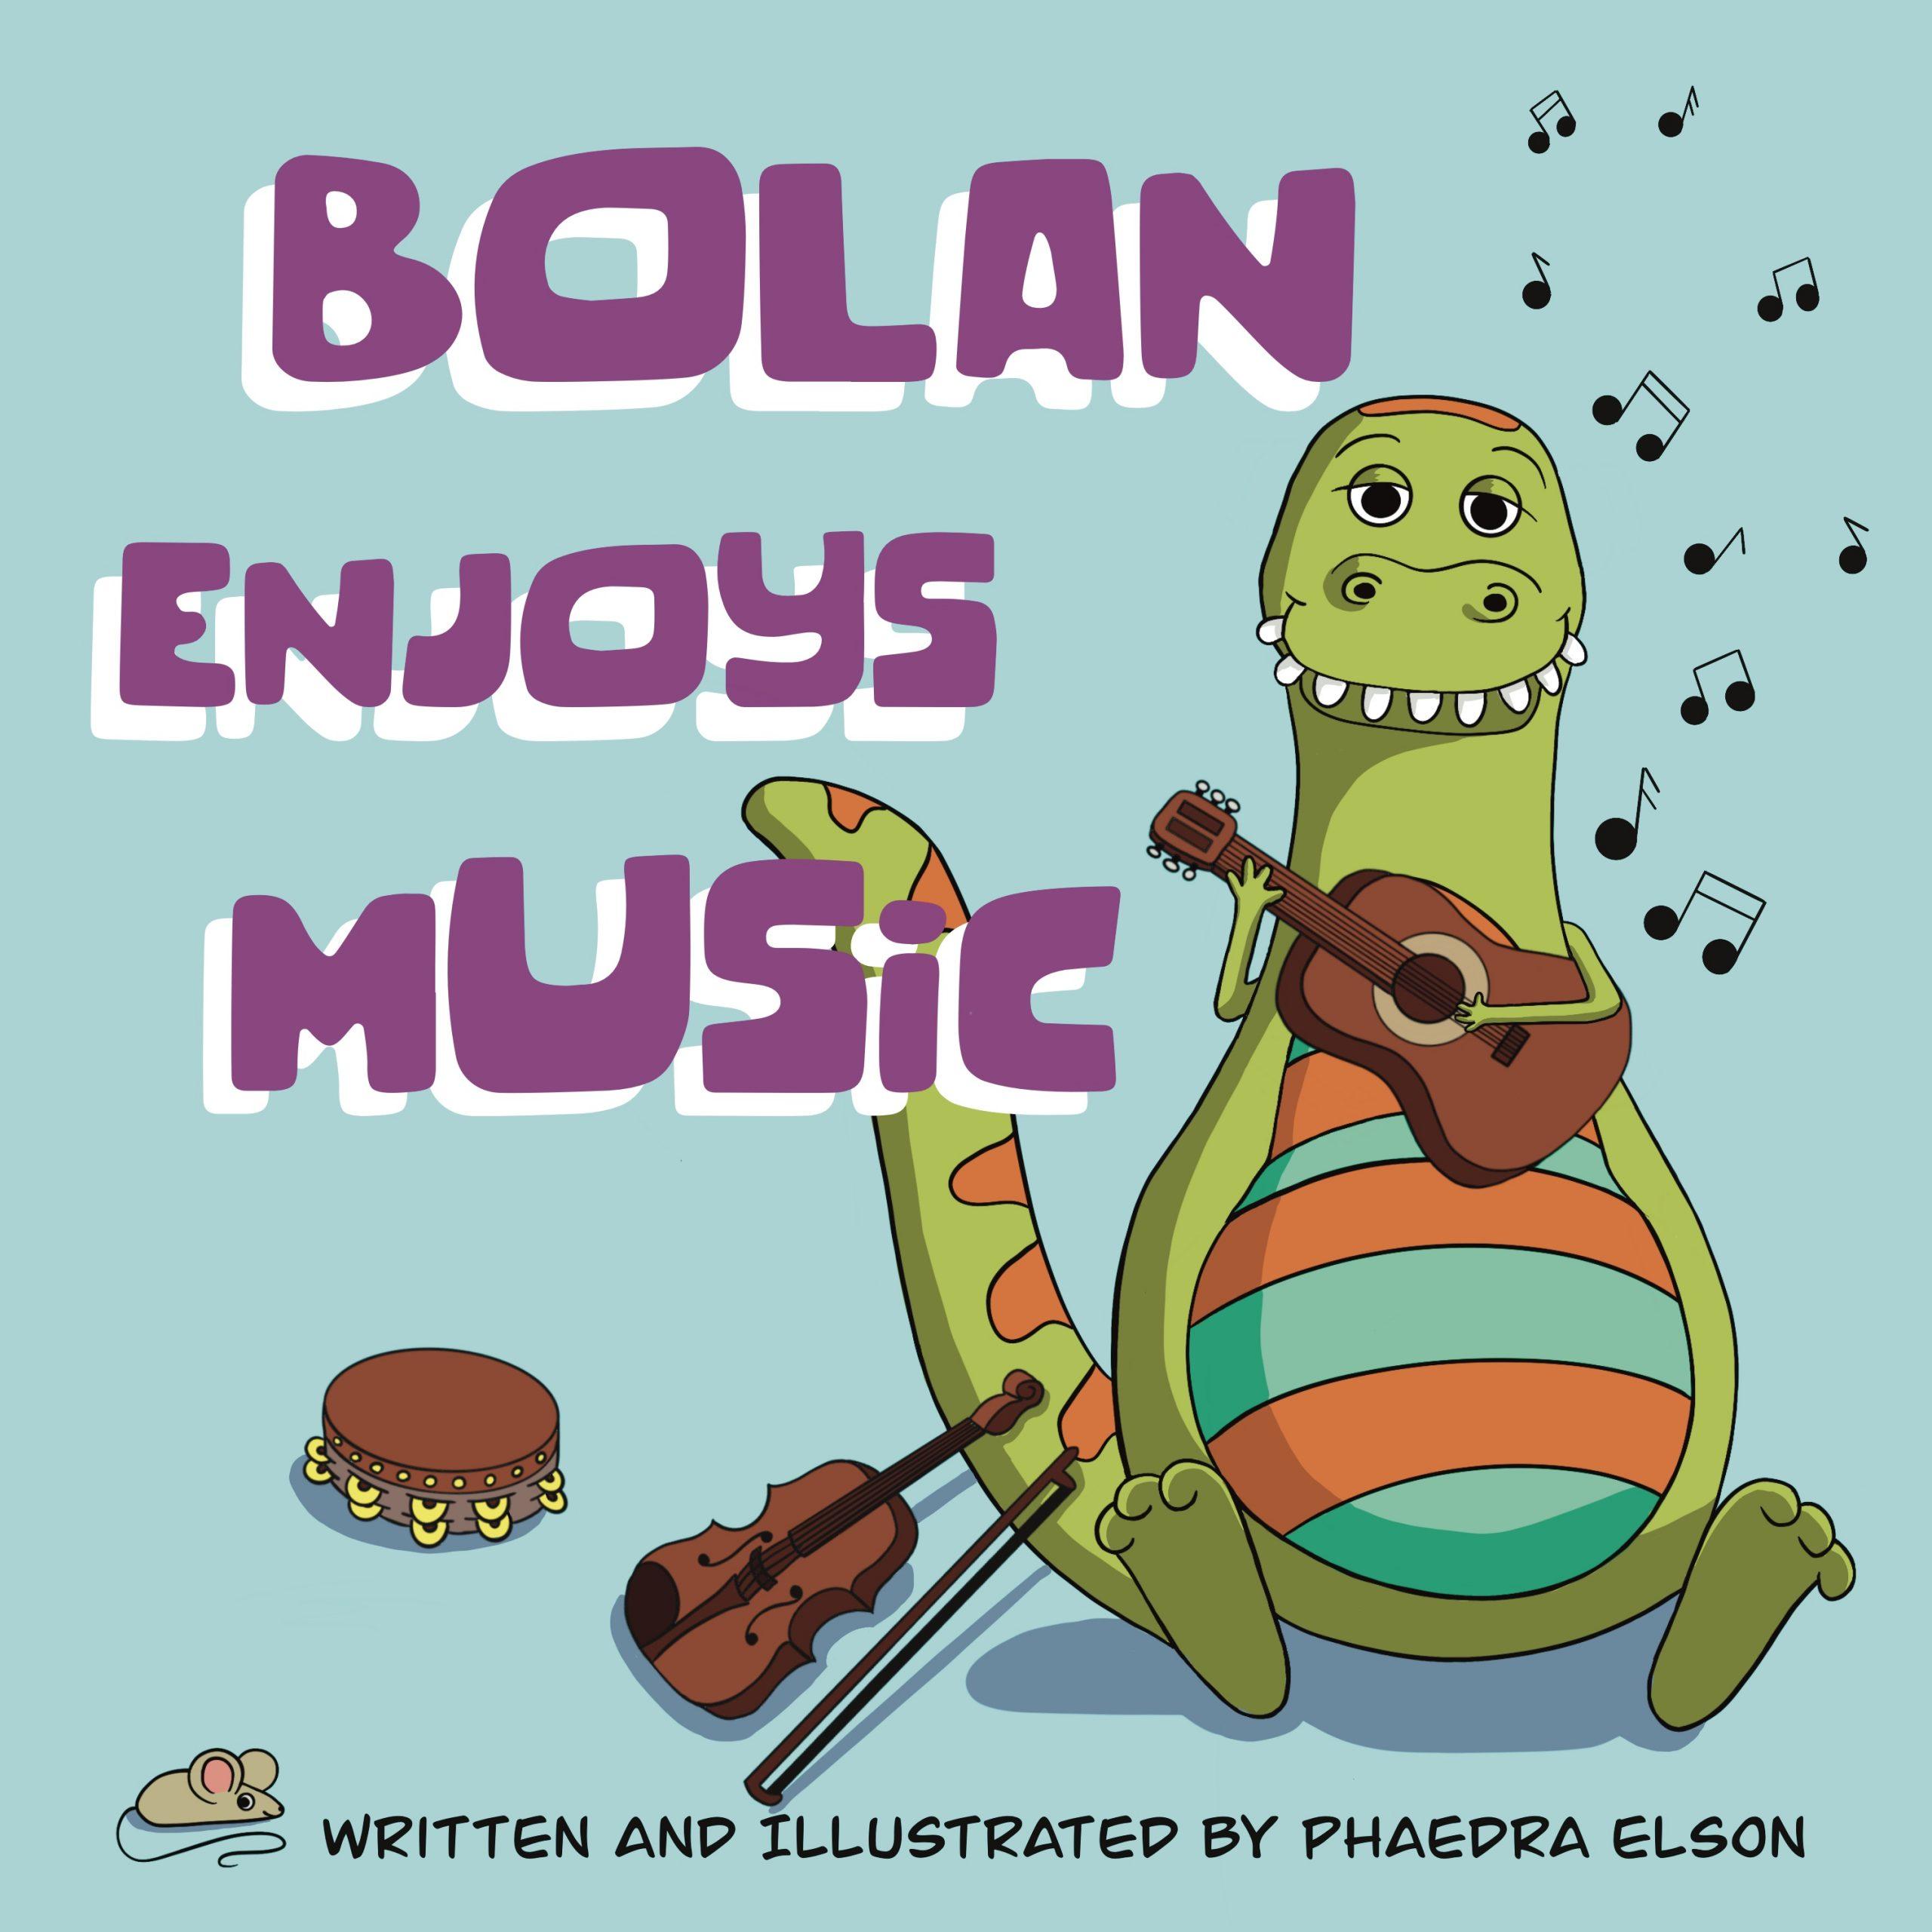 Bolan Enjoys Music Children's Book